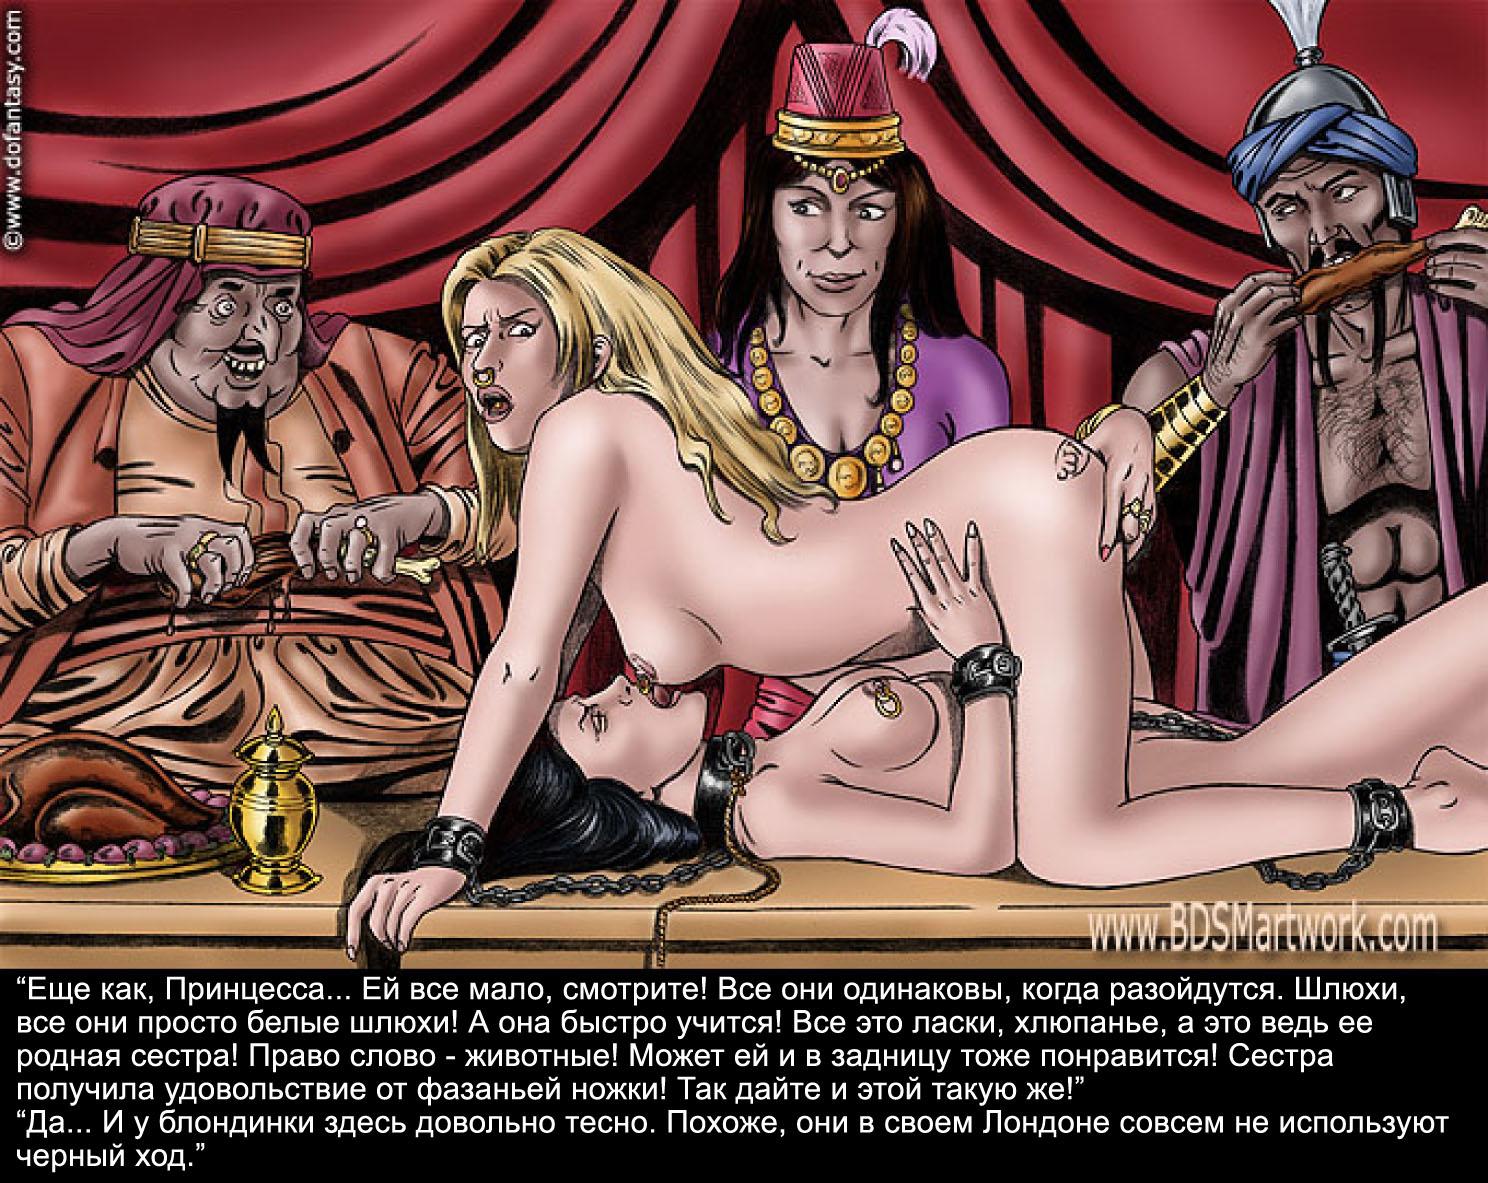 Закрытая БДСМ-вечеринка с подвешенной рабыней